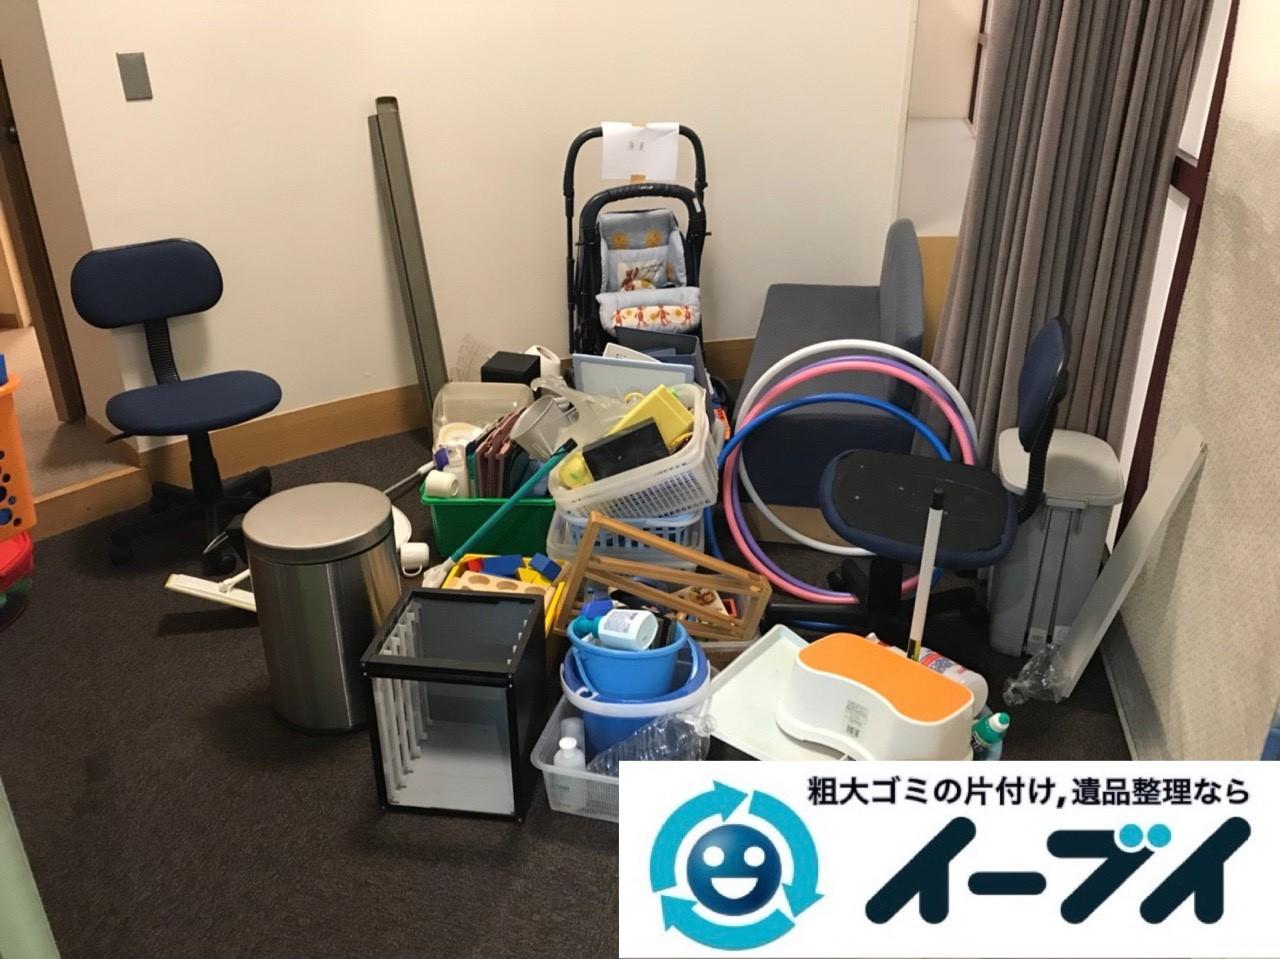 2018年12月22日大阪府大阪市西淀川区でオフィス移転に伴い不用品の回収のご依頼。写真4